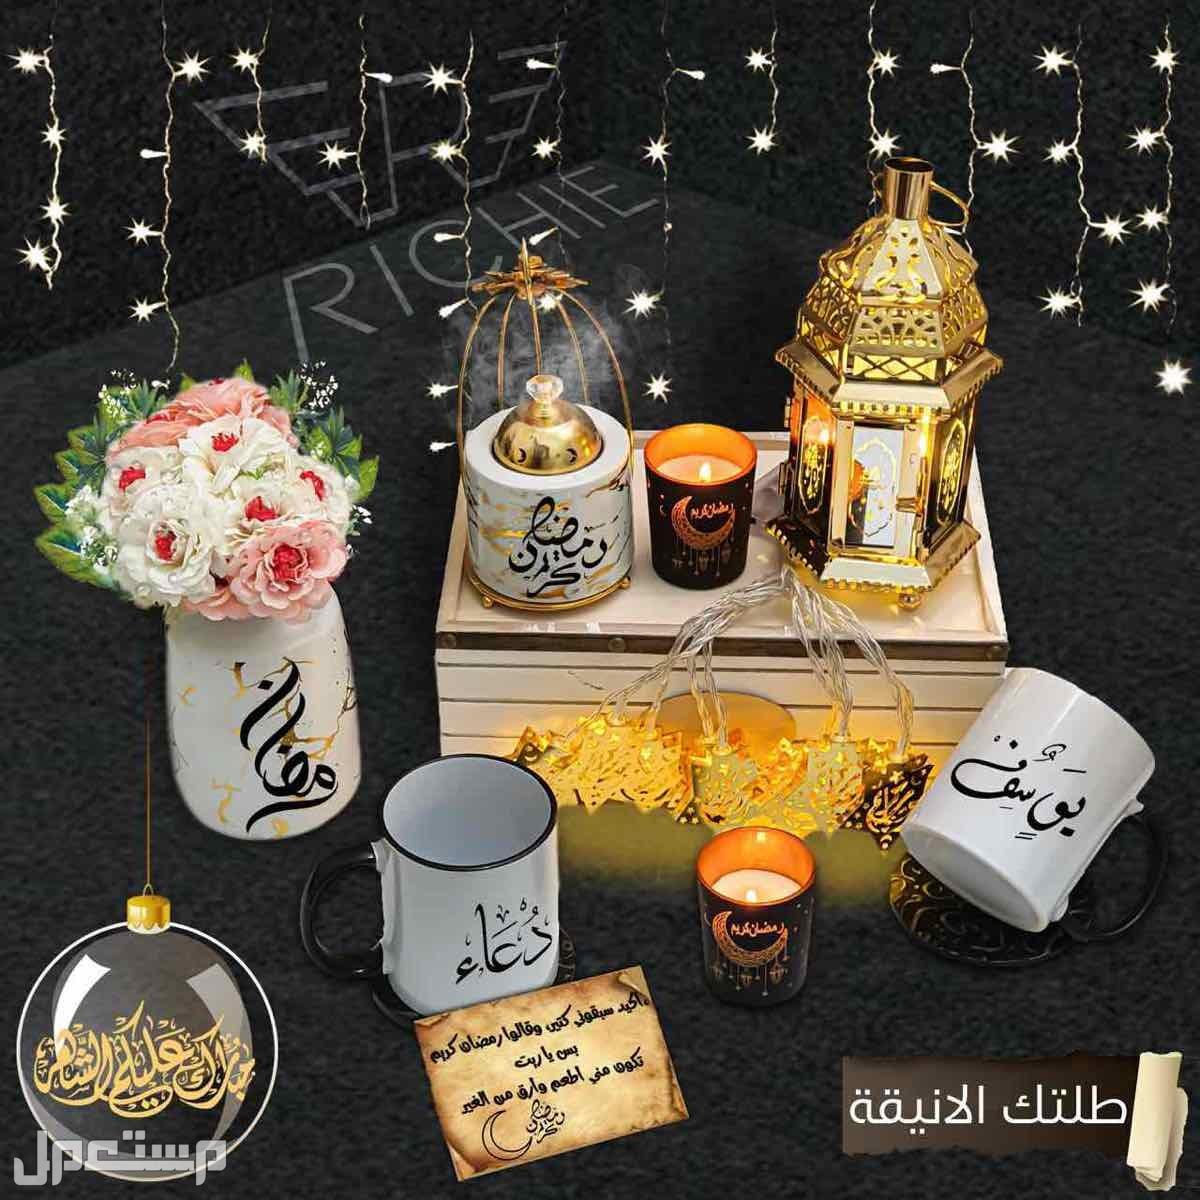 طقم رمضاني مبخره فانوس شمع مزهريه مع البوكس الخشبي